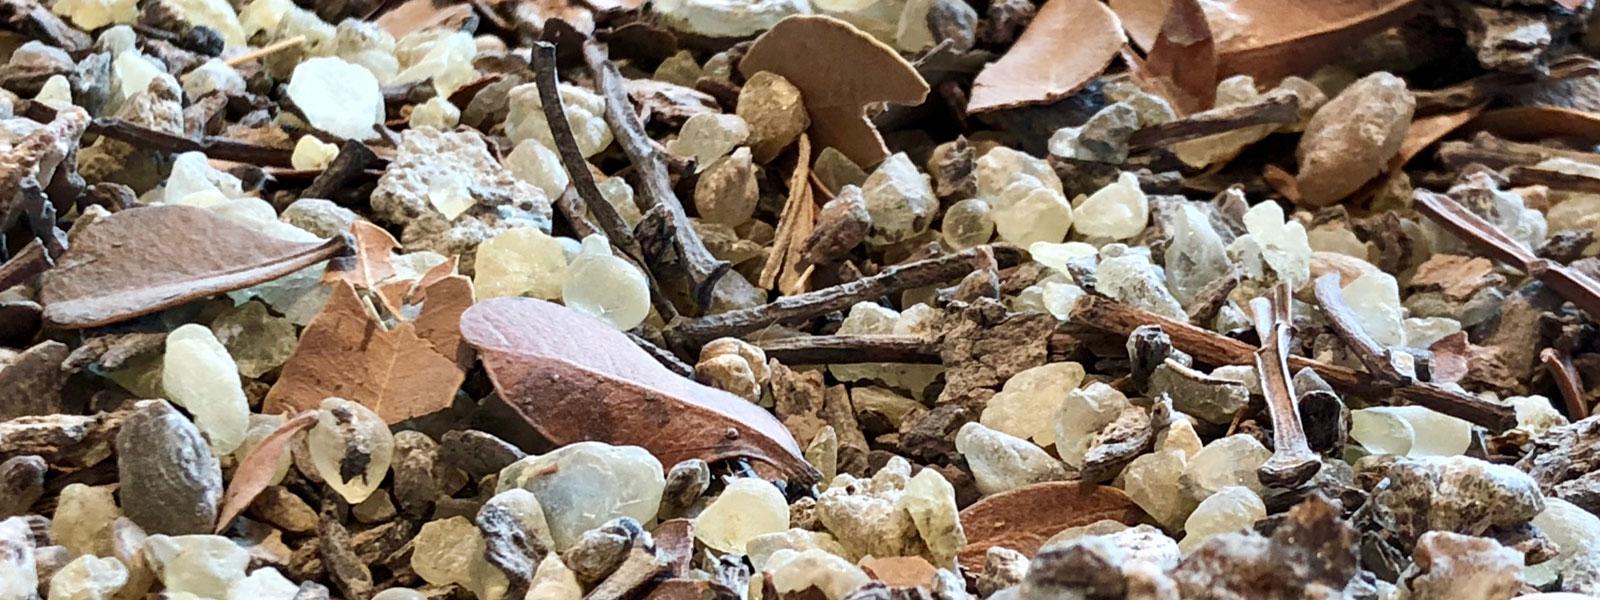 před čištěním Chios chioská masticha krystaly slzy pryskyřice použití